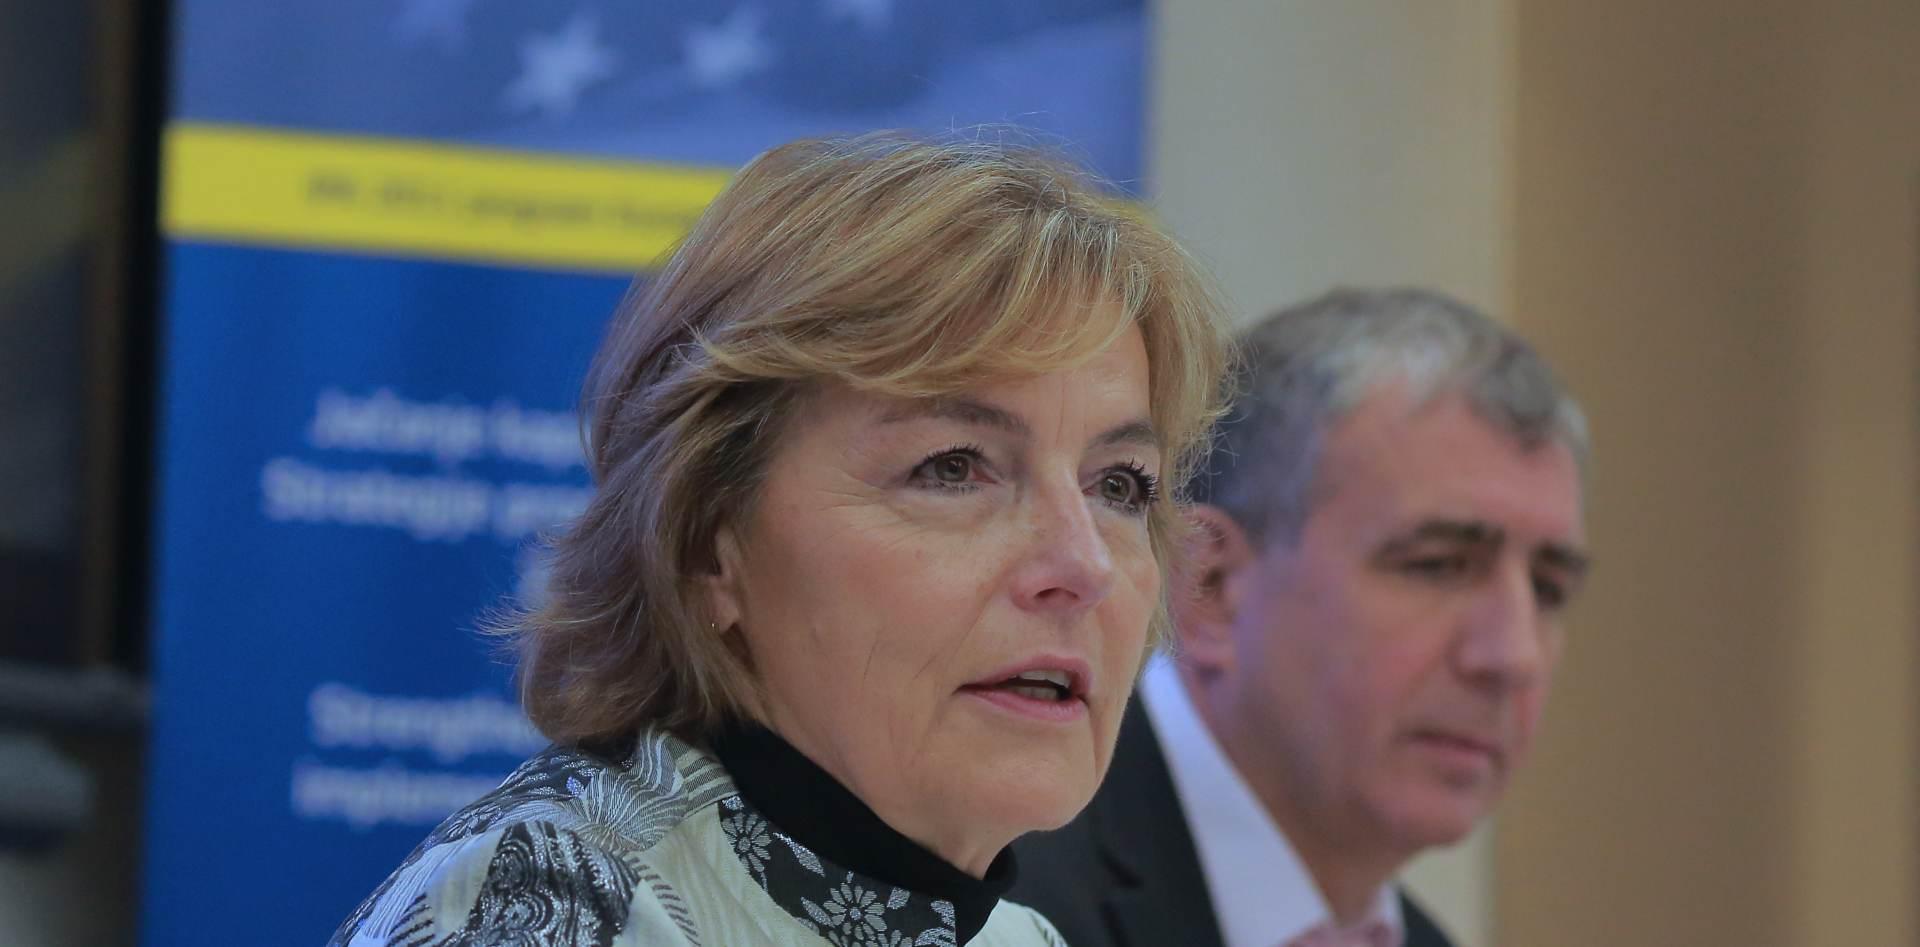 EDUKACIJA UKRAJINSKIH PSIHIJATARA Pusić: Hrvatskoj je drago da može pomoći Ukrajini